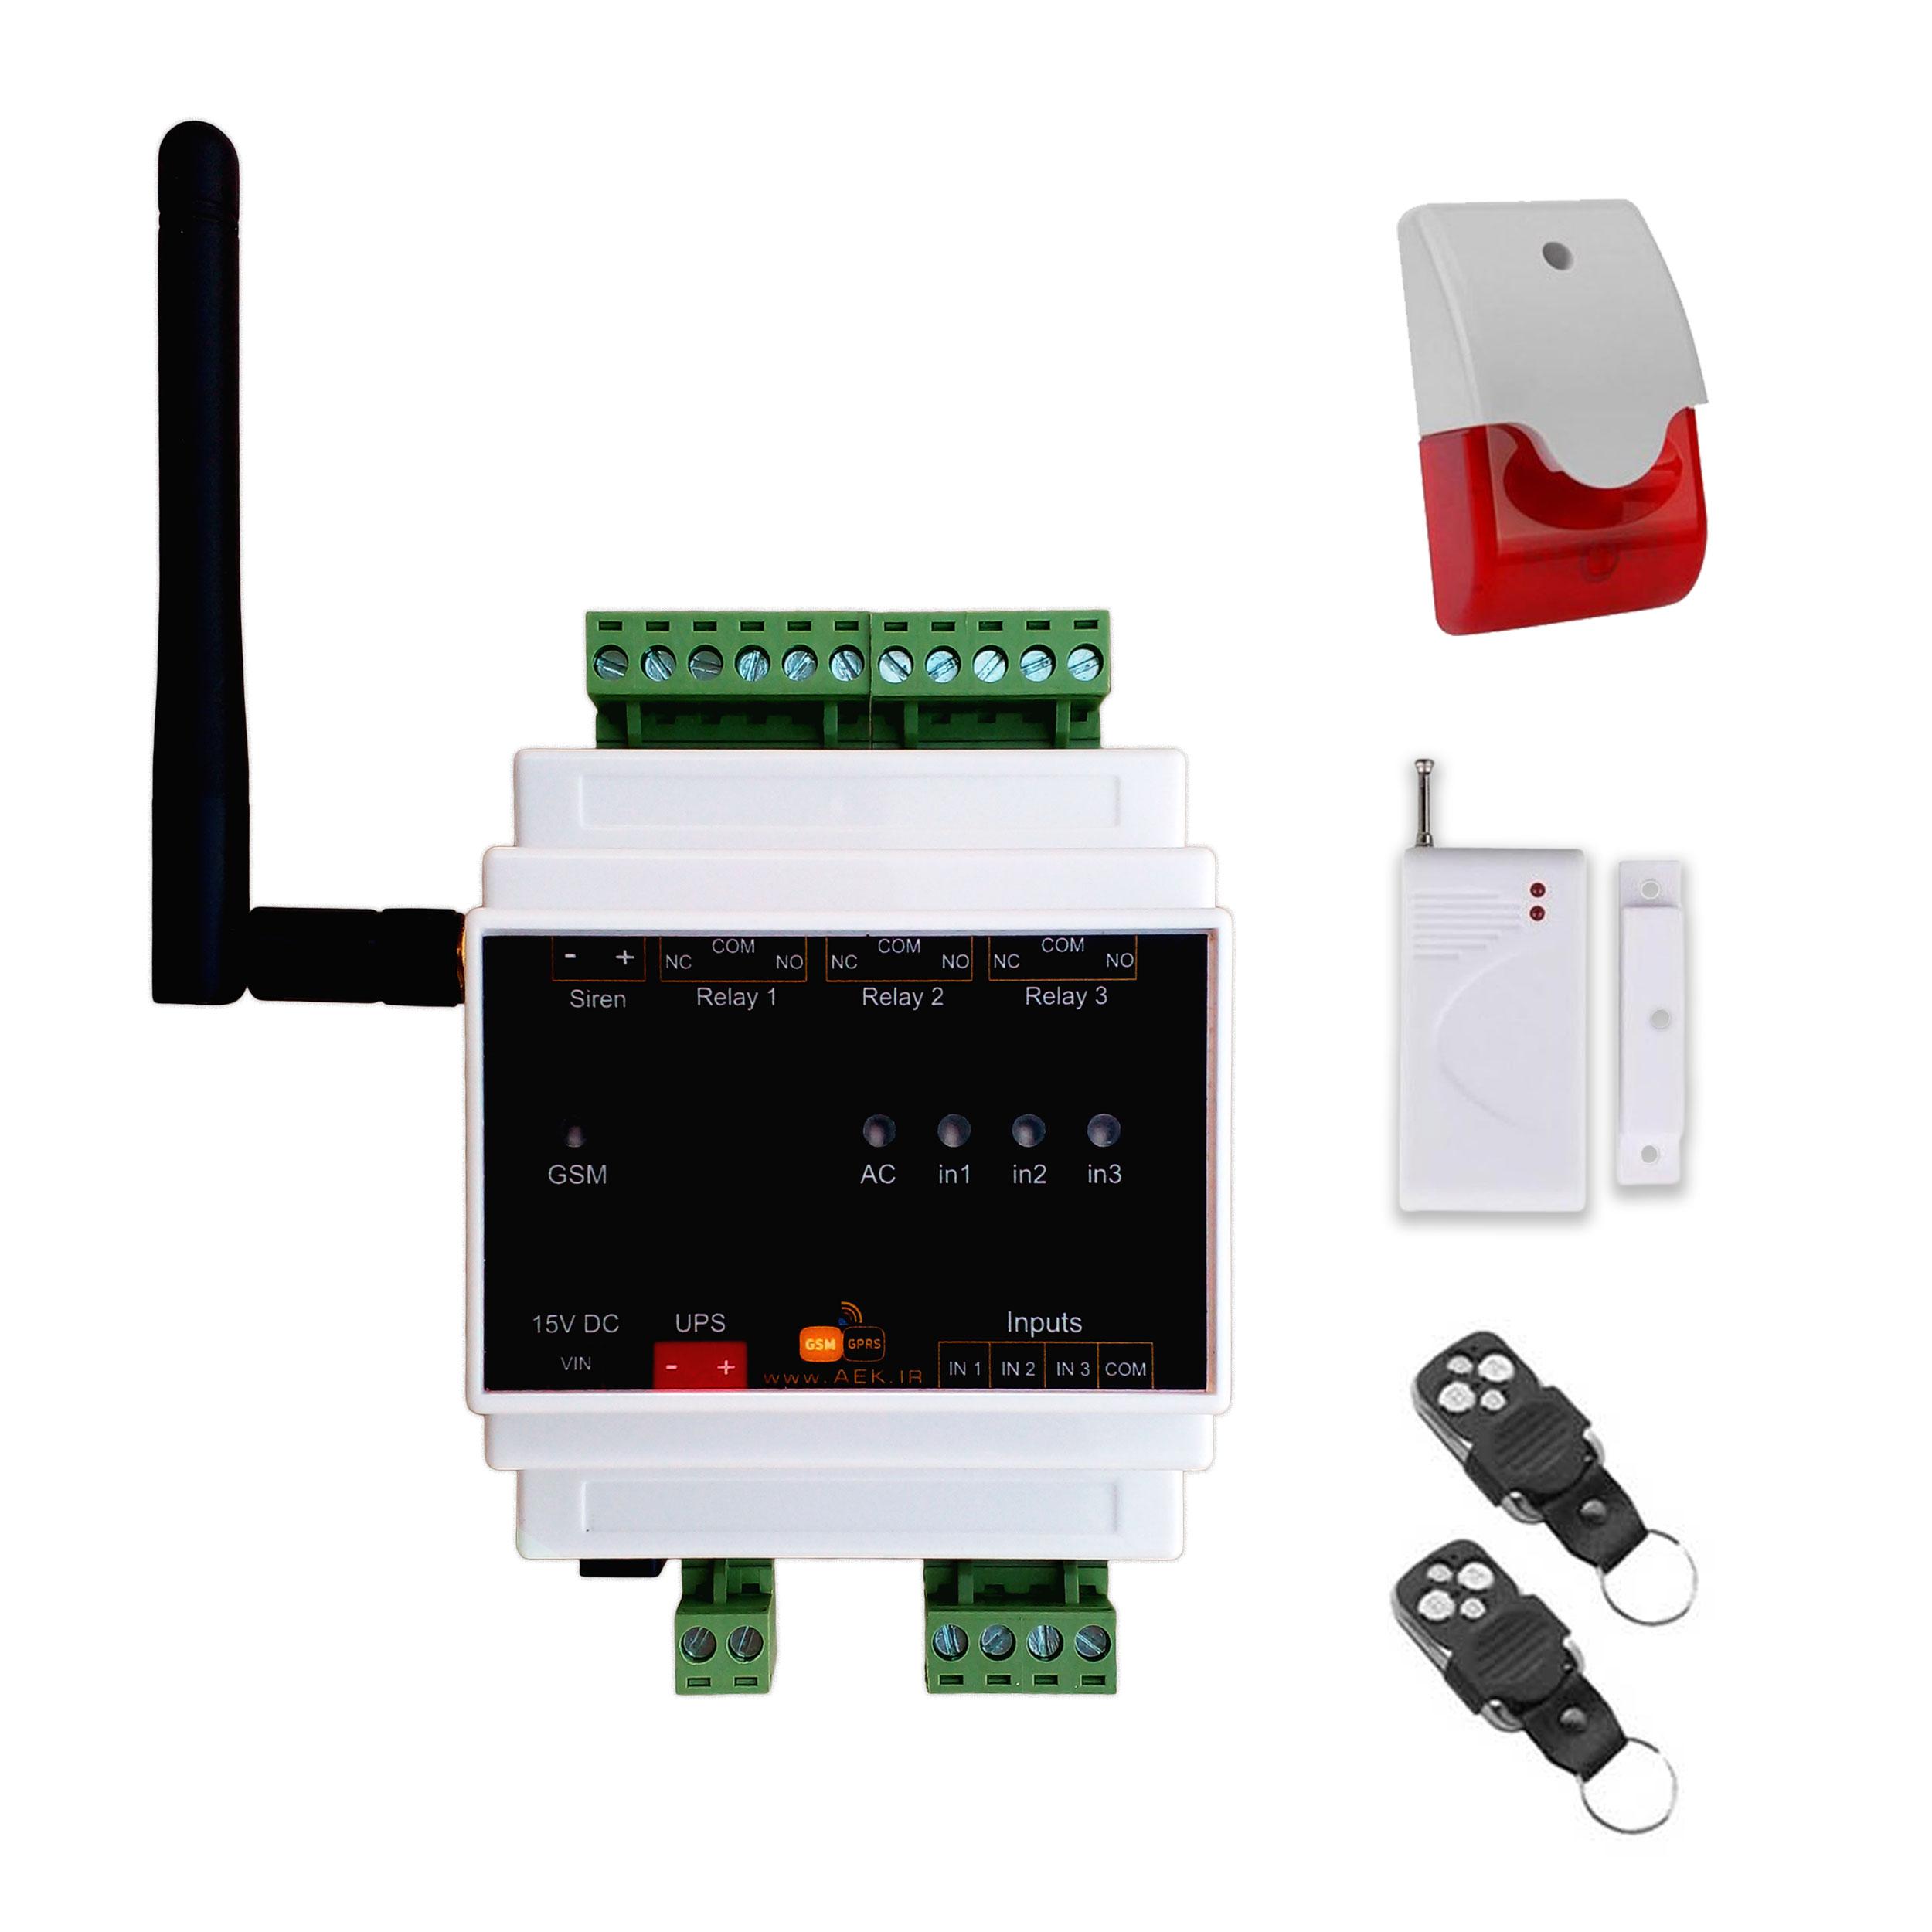 سیستم دزدگیر اینترنتی مدل IoMax-3R